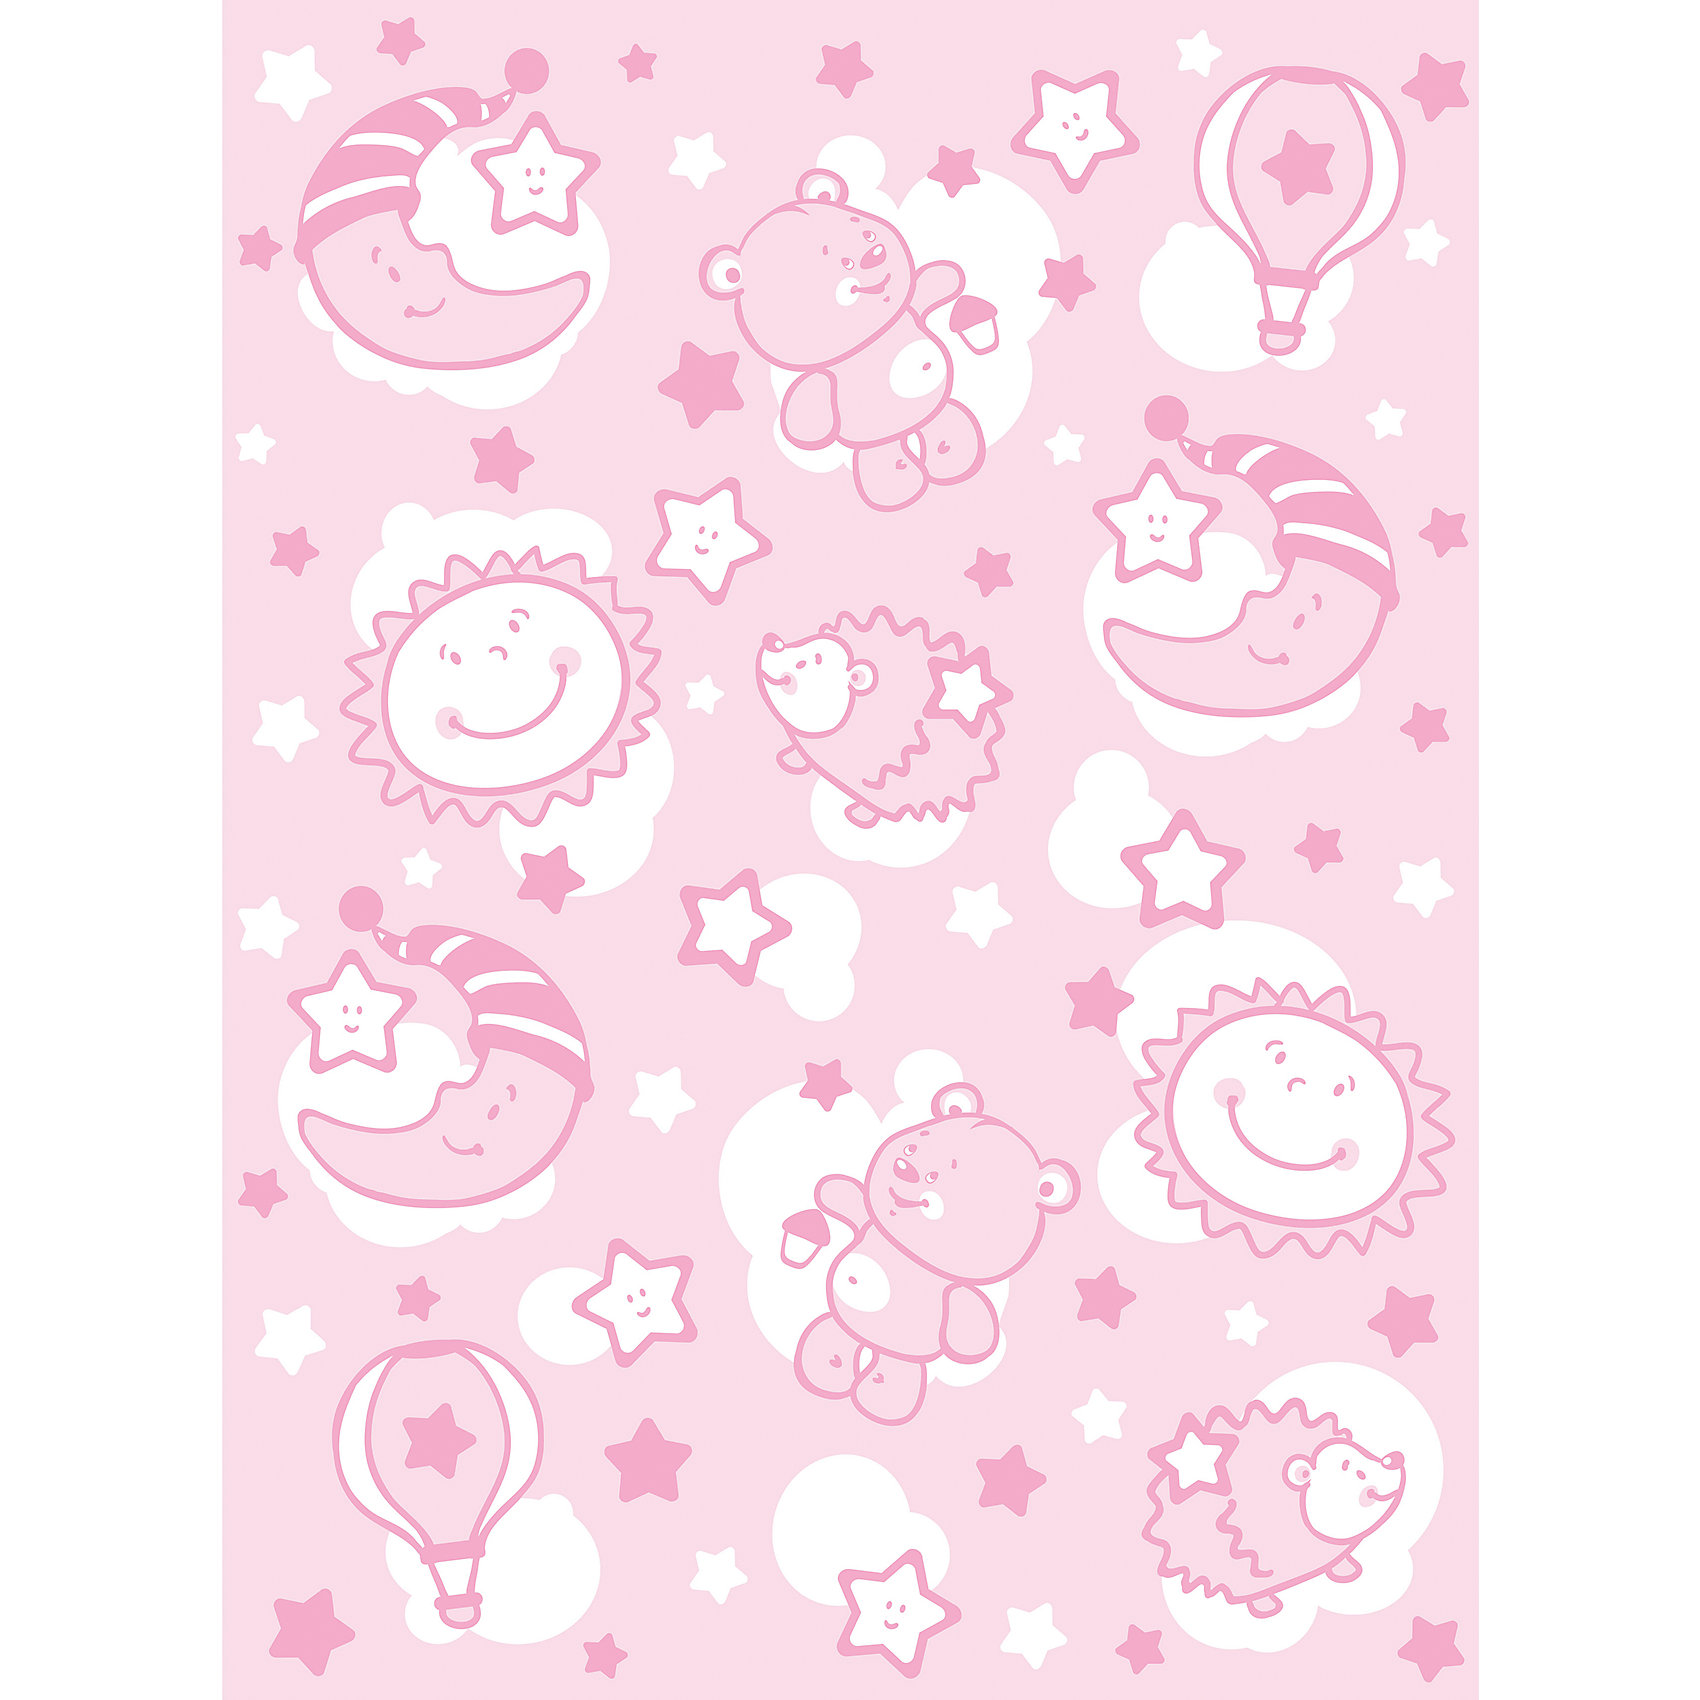 Одеяло байковое Звёздная ночь, 85х115, Baby Nice, розовыйОдеяла, пледы<br>Мягкое байковое одеяло Звездная ночь подарит малышам крепкий, комфортный и здоровый сон. Одеяло выполнено из натурального хлопка, прекрасно пропускает воздух, сохраняя при этом тепло, что обеспечивает поддержание комфортного микроклимата как дома, так и на прогулке. Абсолютно гипоаллергенное, идеально подходит для новорожденных детей. <br><br>Дополнительная информация:<br><br>- Материал: хлопок 100%, жаккард.<br>- Размер: 115х85 см. <br>- Отделка: оверлок.<br>- Цвет: розовый.<br>- Декоративные элементы: принт.<br>- Одностороннее.  <br>- Стирка: машинная при 40 ?. <br><br>Одеяло байковое Звёздная ночь, 85х115, Baby Nice (Беби Найс), розовое, можно купить в нашем магазине.<br><br>Ширина мм: 40<br>Глубина мм: 5<br>Высота мм: 30<br>Вес г: 500<br>Возраст от месяцев: 0<br>Возраст до месяцев: 60<br>Пол: Женский<br>Возраст: Детский<br>SKU: 4058251